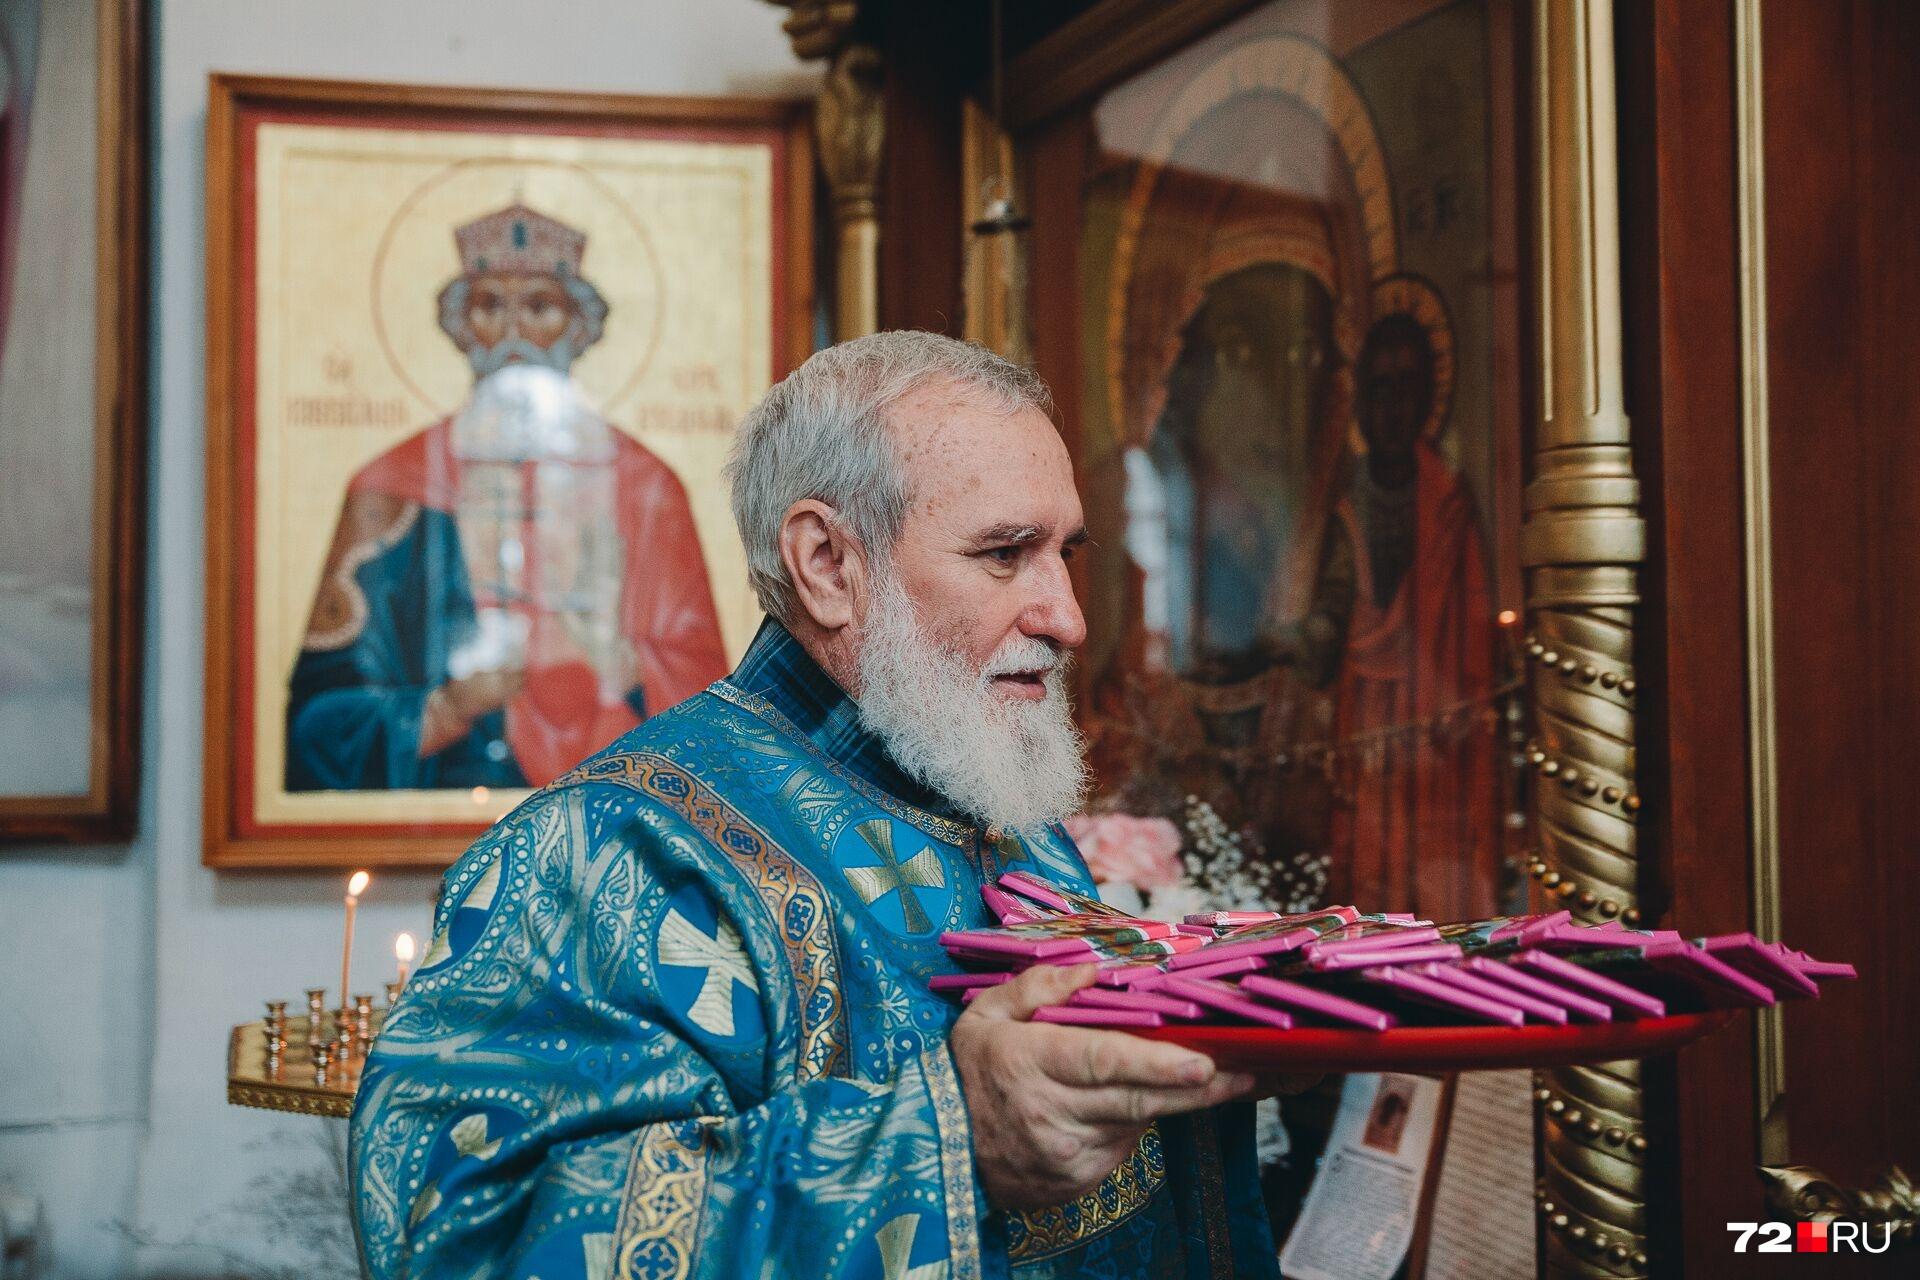 Шоколадные плитки достались всем после того, как ученики поцеловали крест и их окропляли святой водой